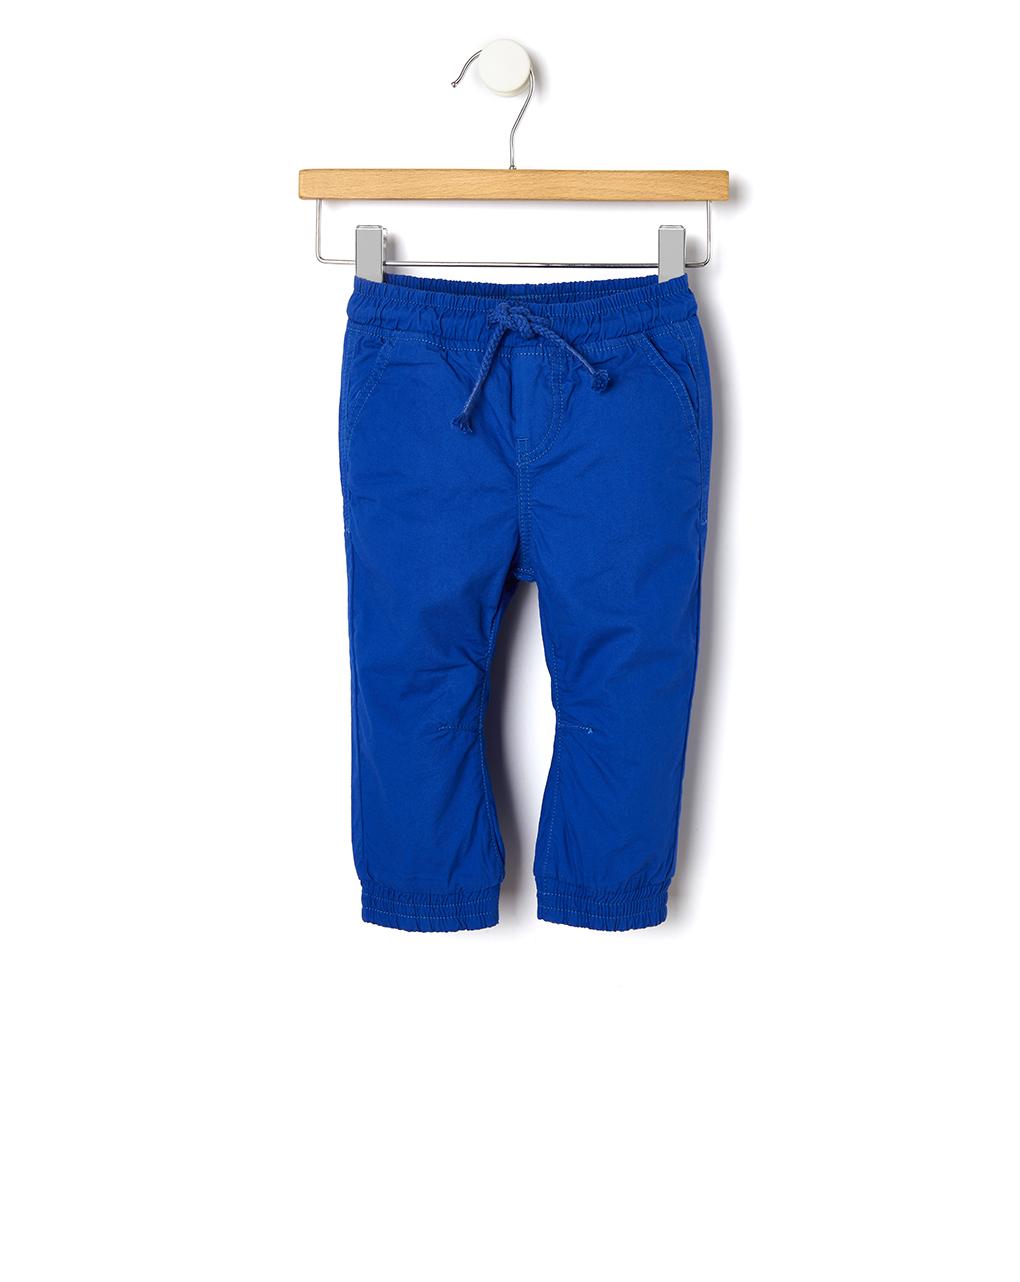 Παντελόνι με Κορδόνι Μπλε για Αγόρι